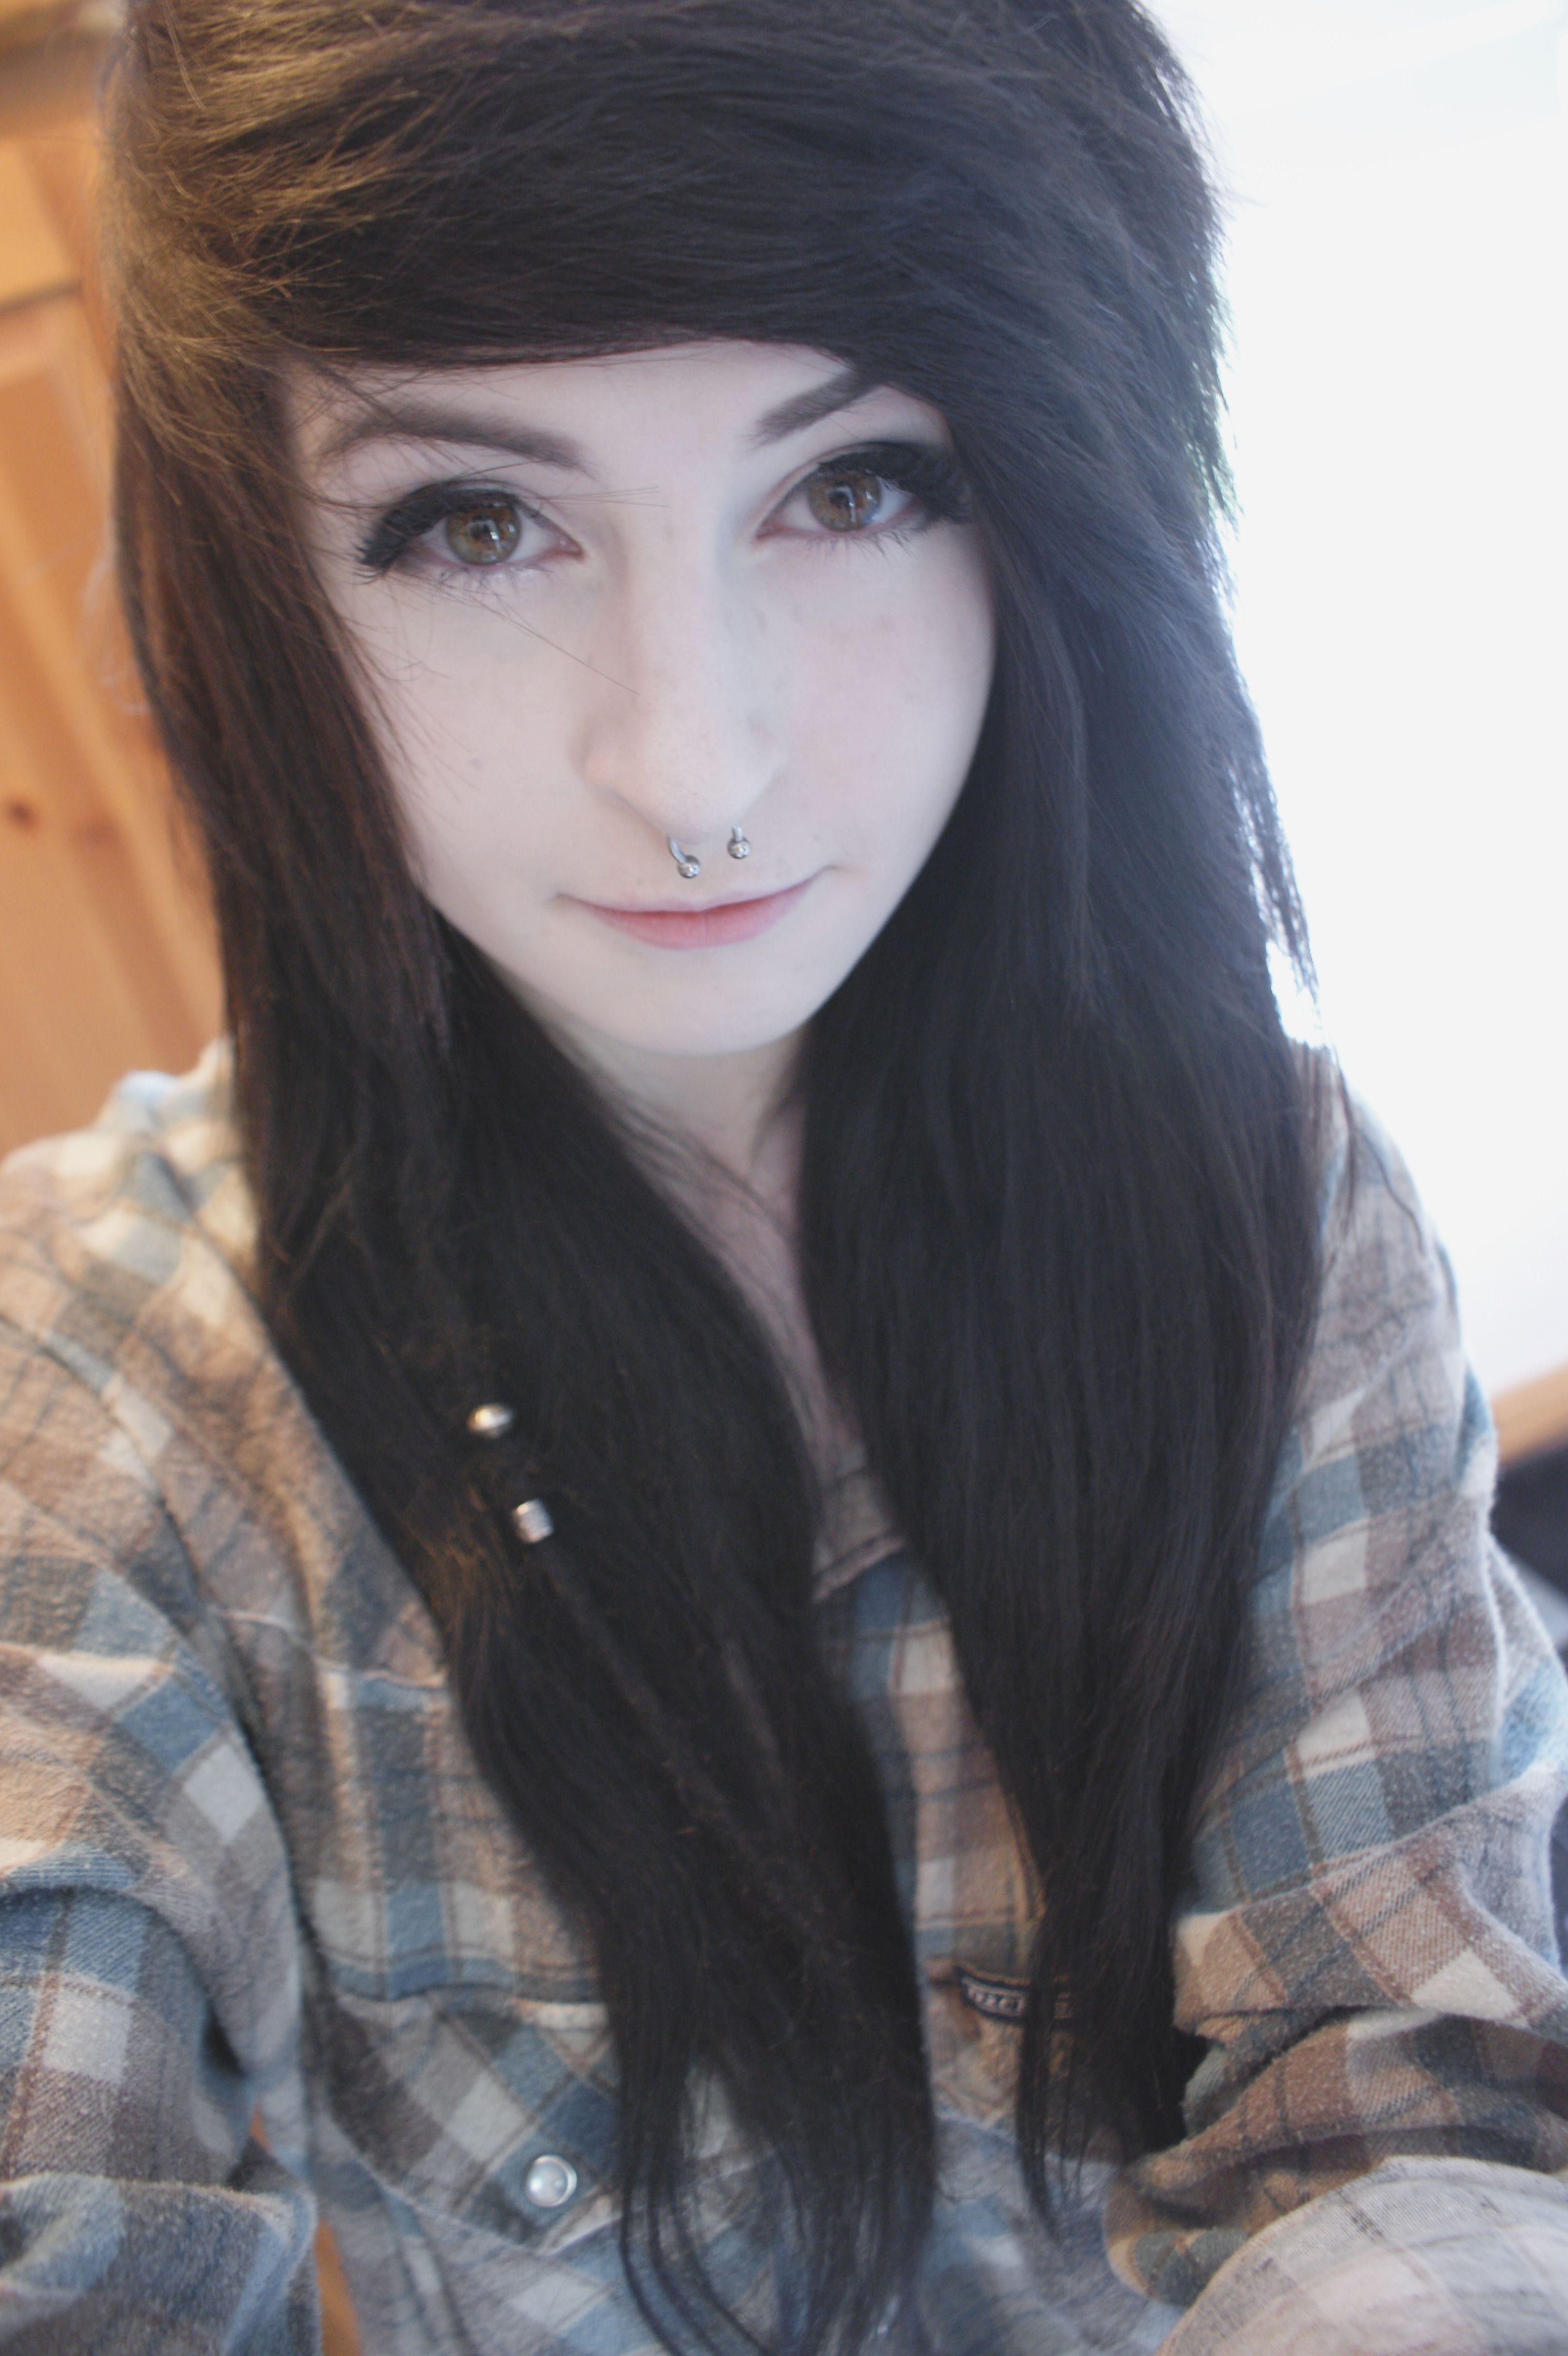 Nose piercing over 50  Frisch Ich möchte eine neue Frisur  sexy  Pinterest  Scene hair